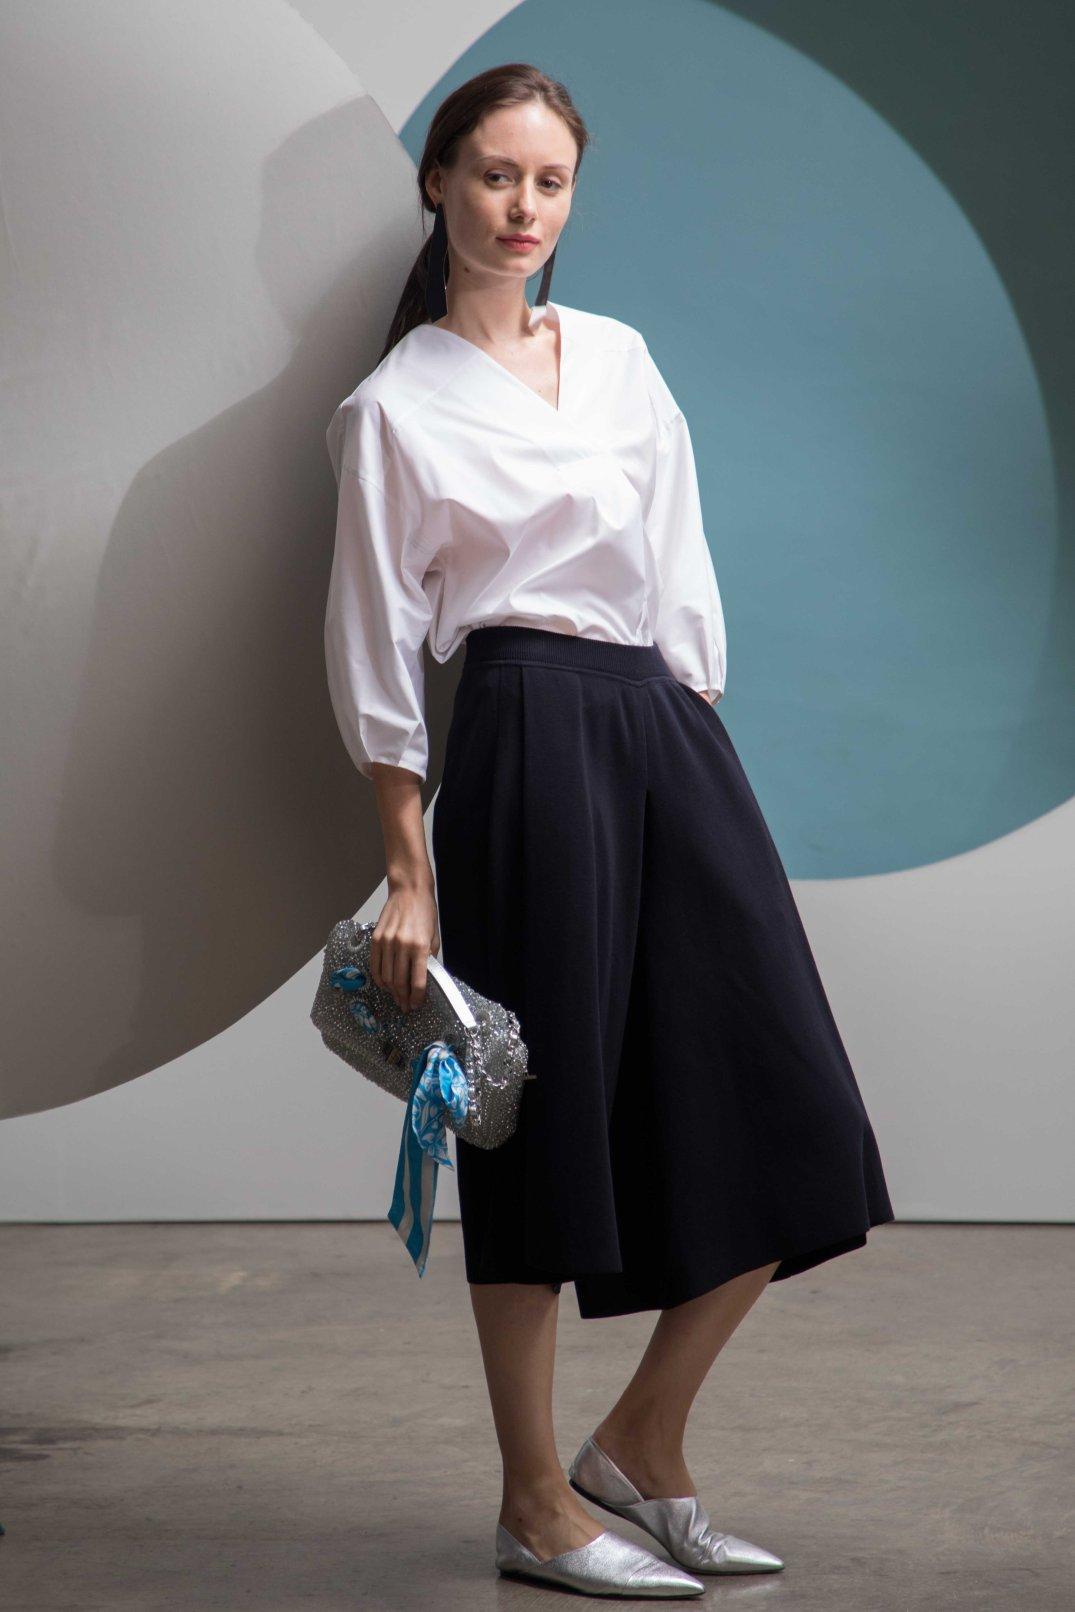 時裝服裝攝影 fashion Photography paulstylist-103